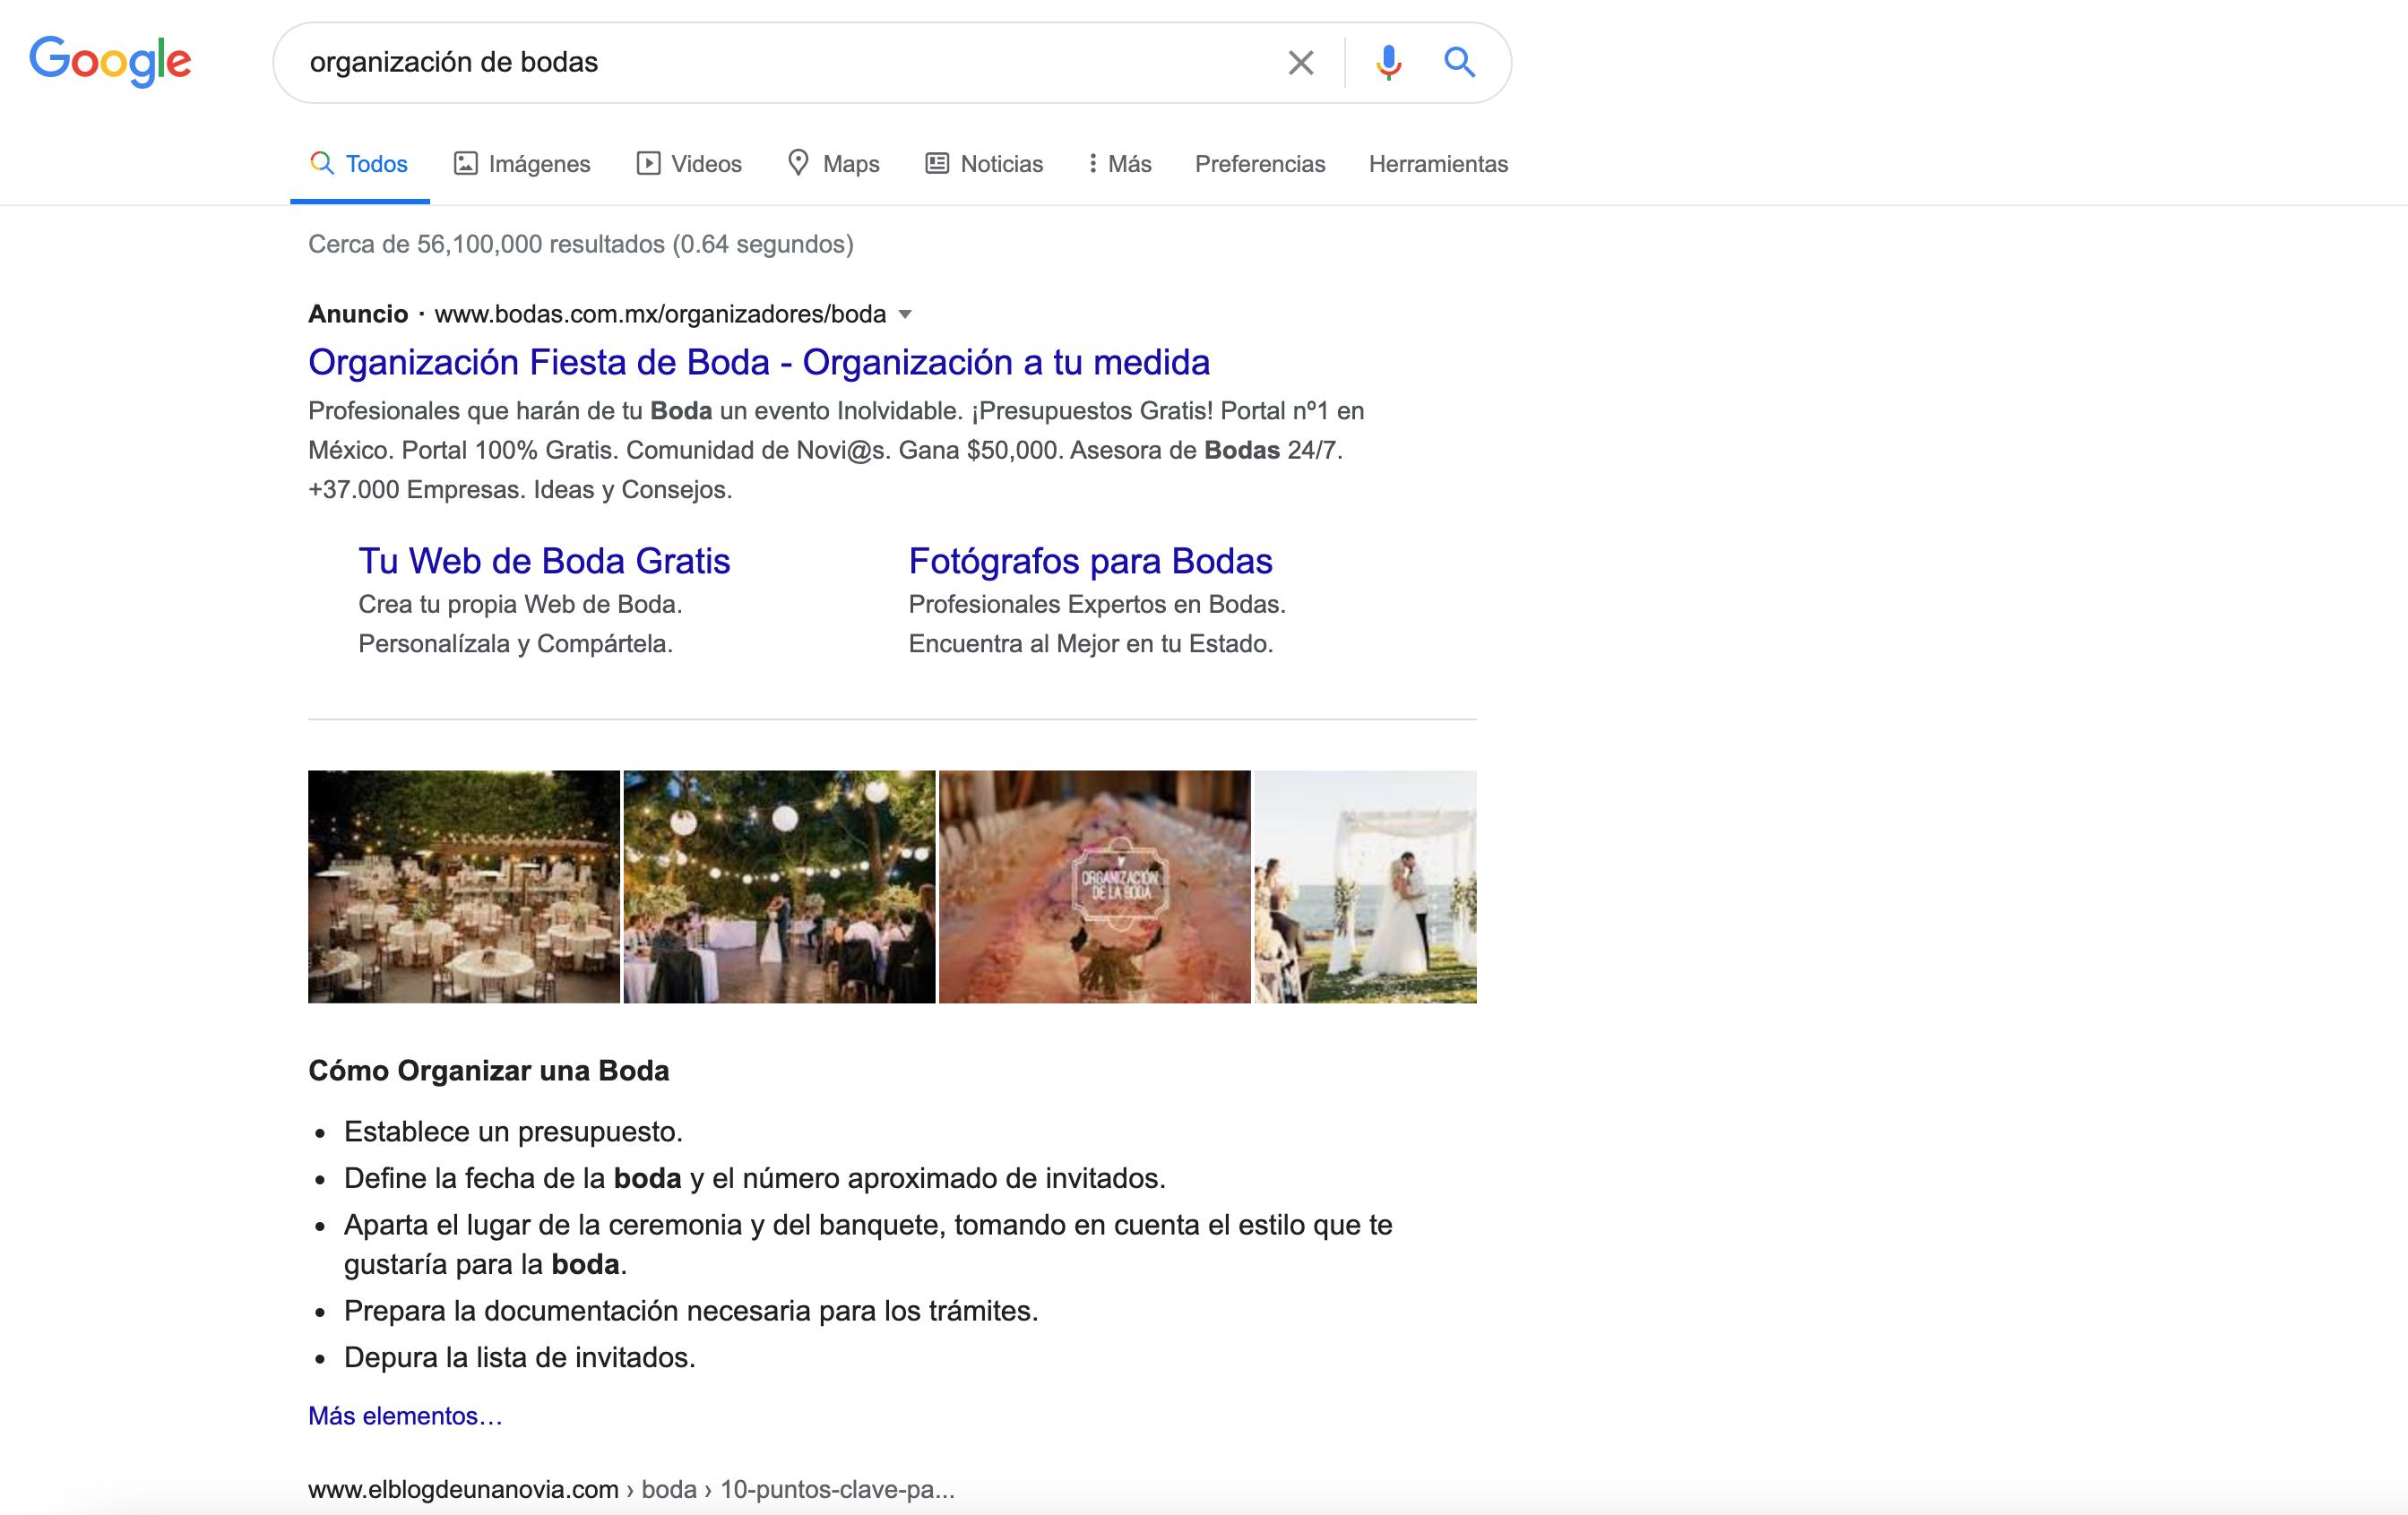 captura de búsqueda en google para resultados con anuncios